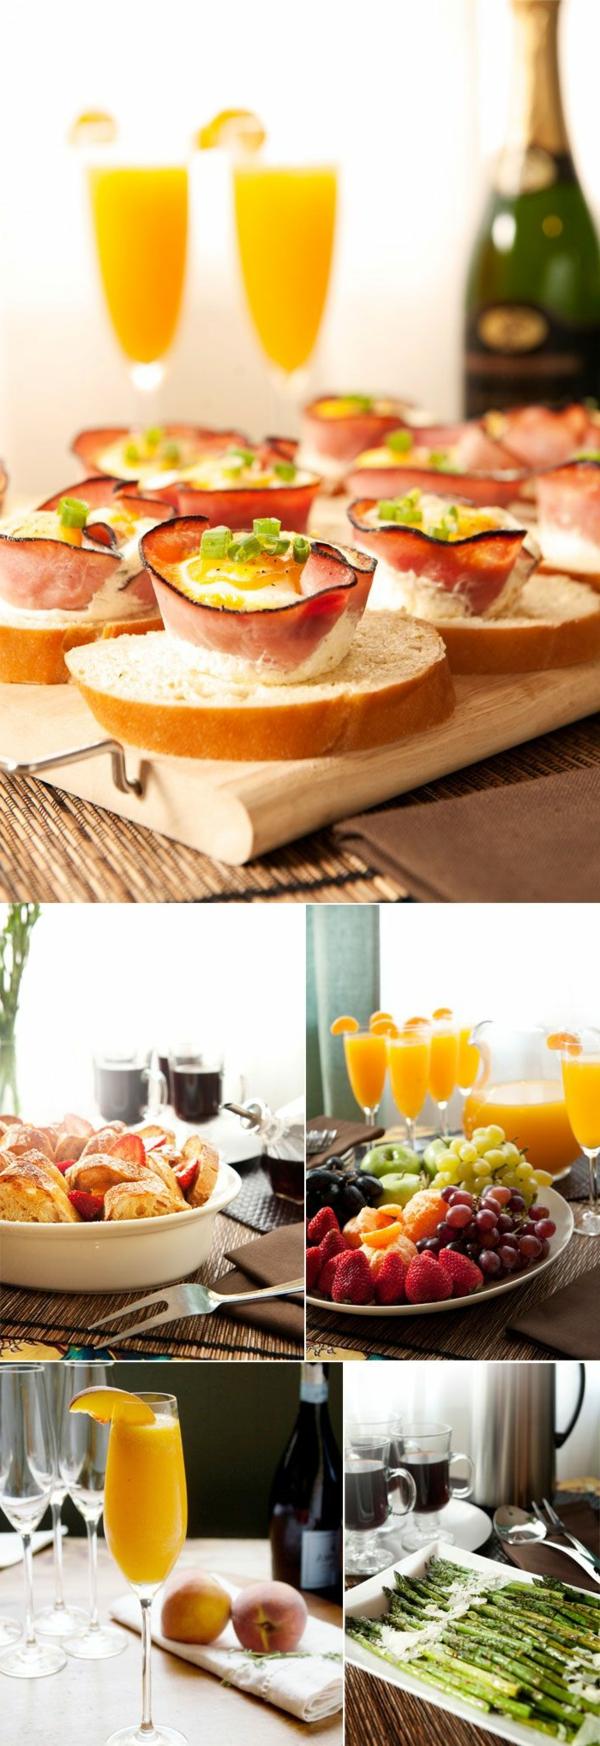 Fette di pane con prosciutto, brunch a buffet, bicchieri con succo di frutta, asparagi con formaggio